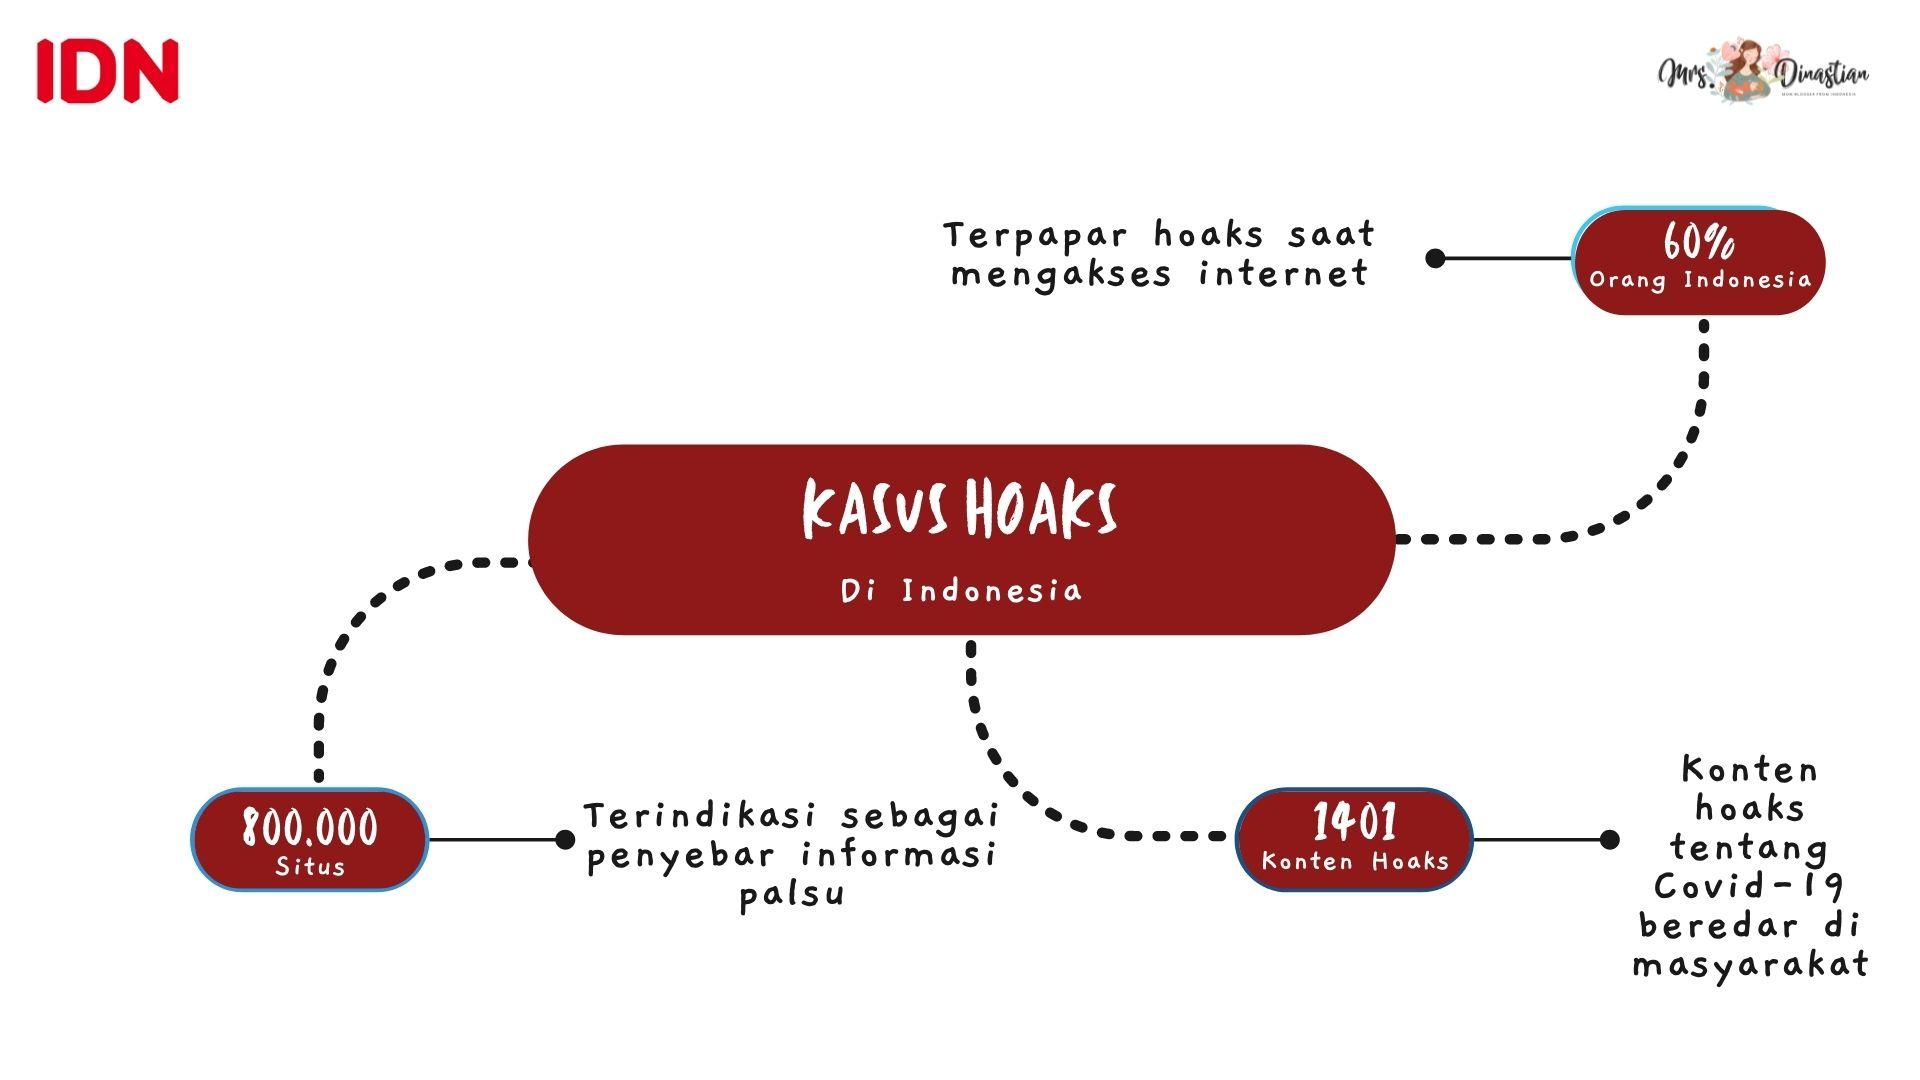 Kasus Hoaks di Indonesia